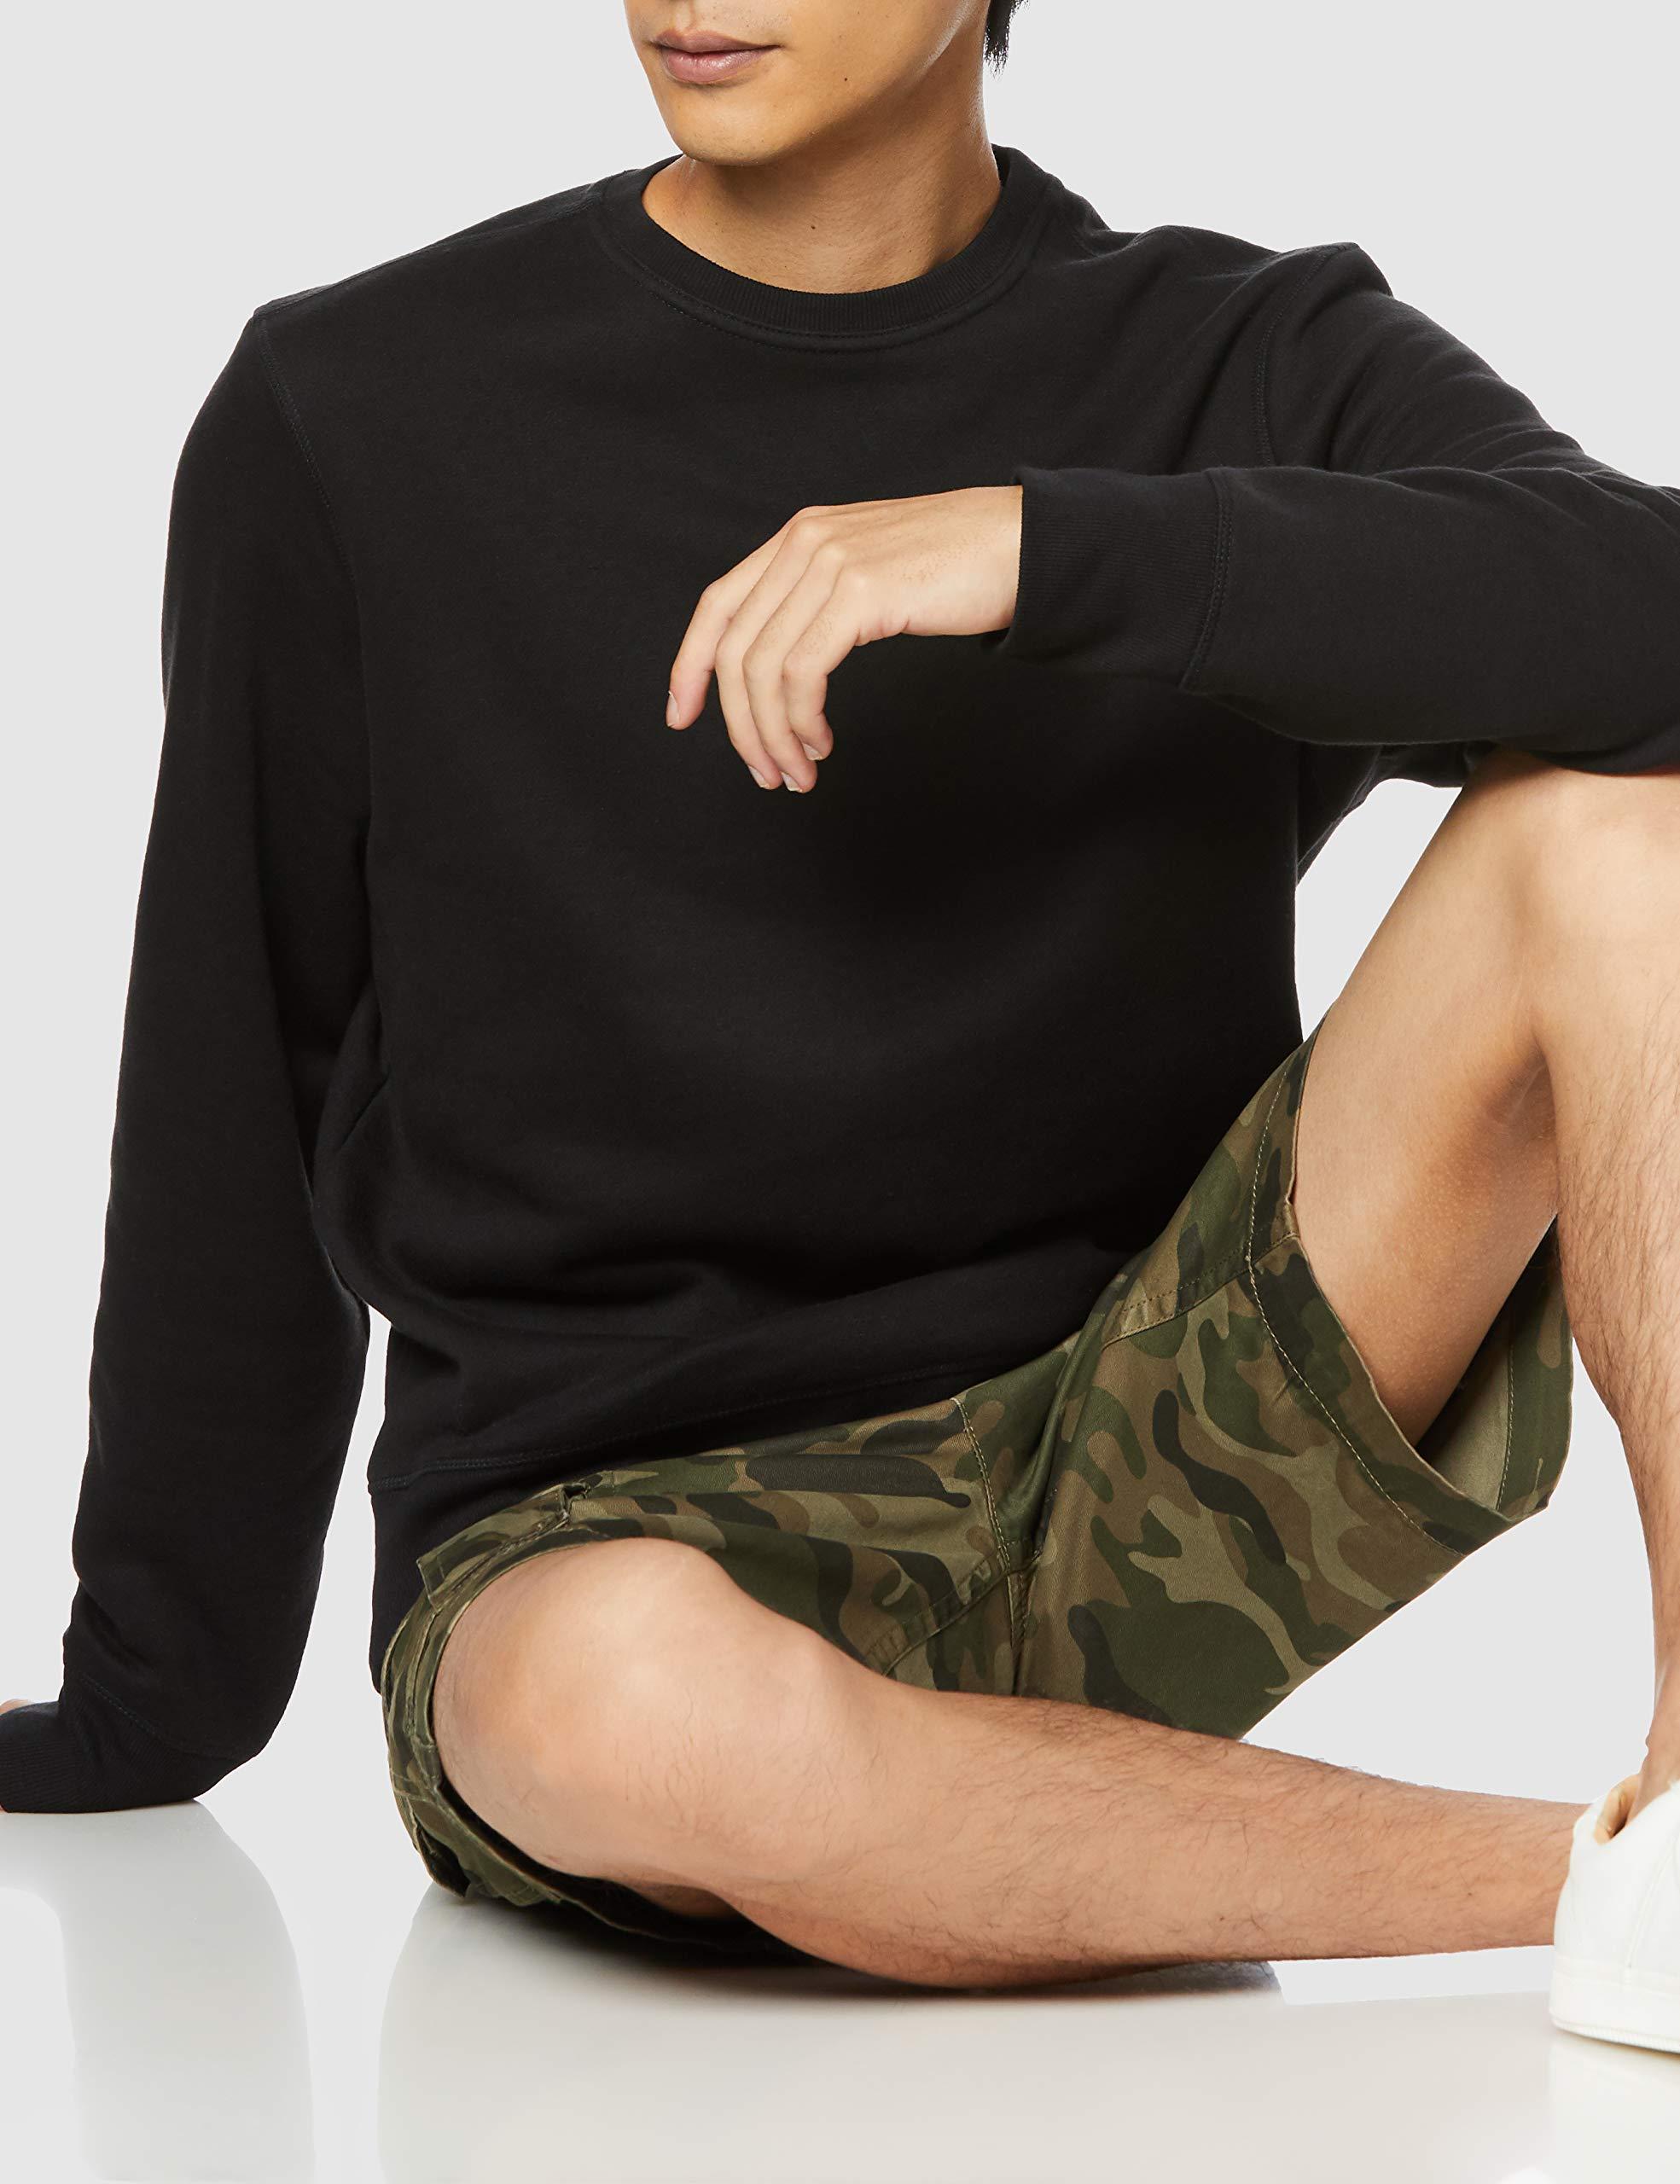 [Amazon Essential] メンズ服・バッグがお買い得; セール価格: ¥528 - ¥6,760